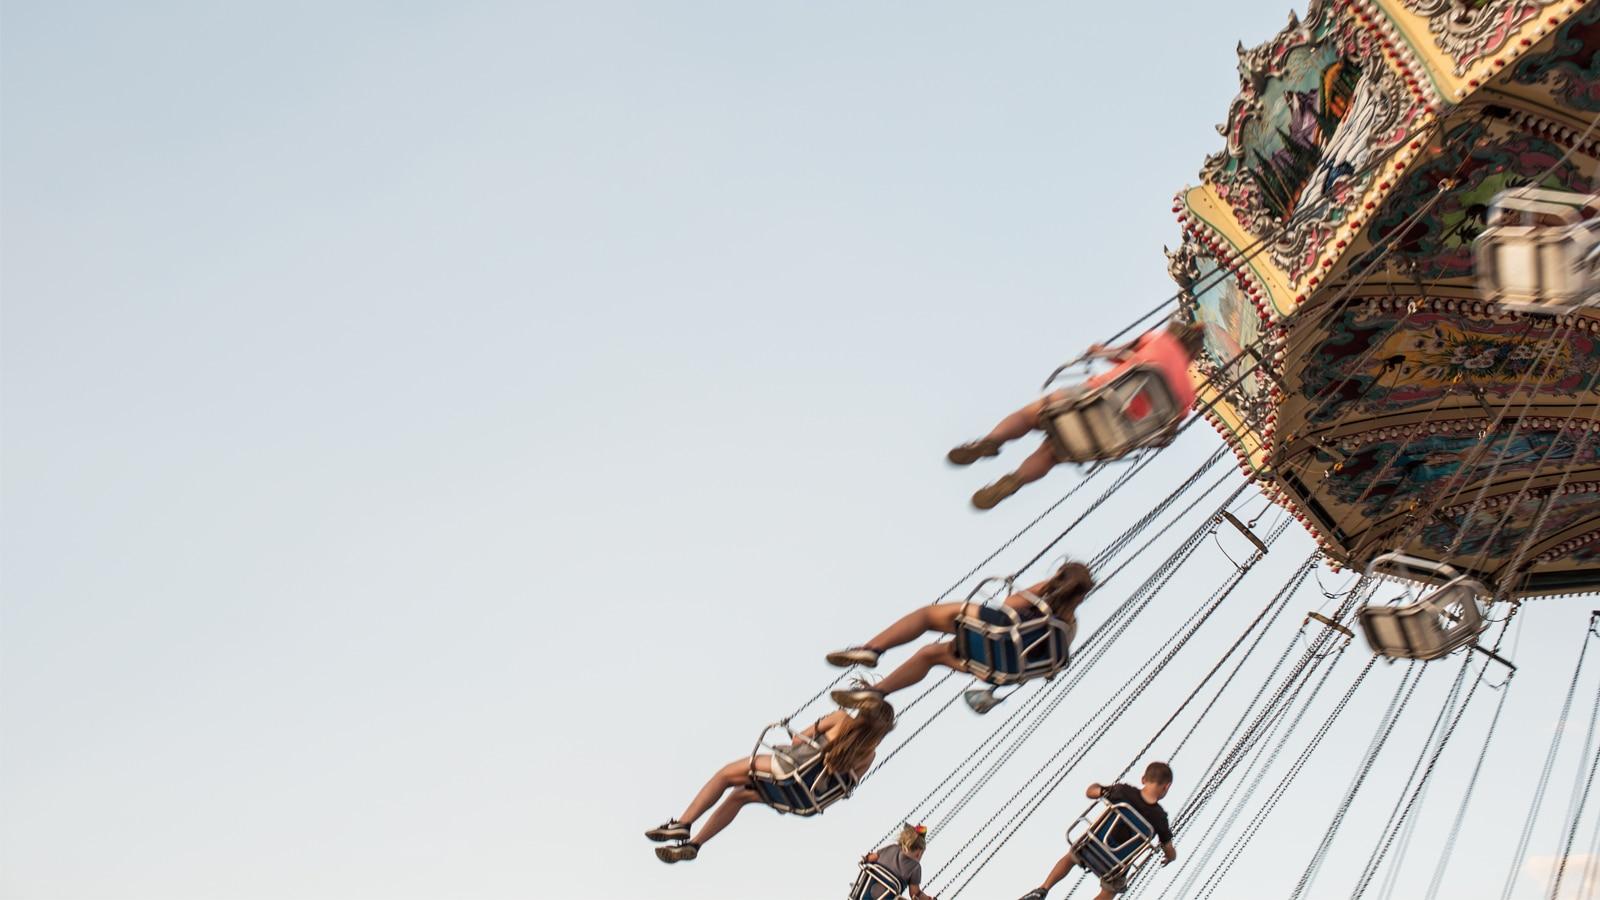 Asistentes a la feria estatal disfrutan de balancearse por el cielo de verano.